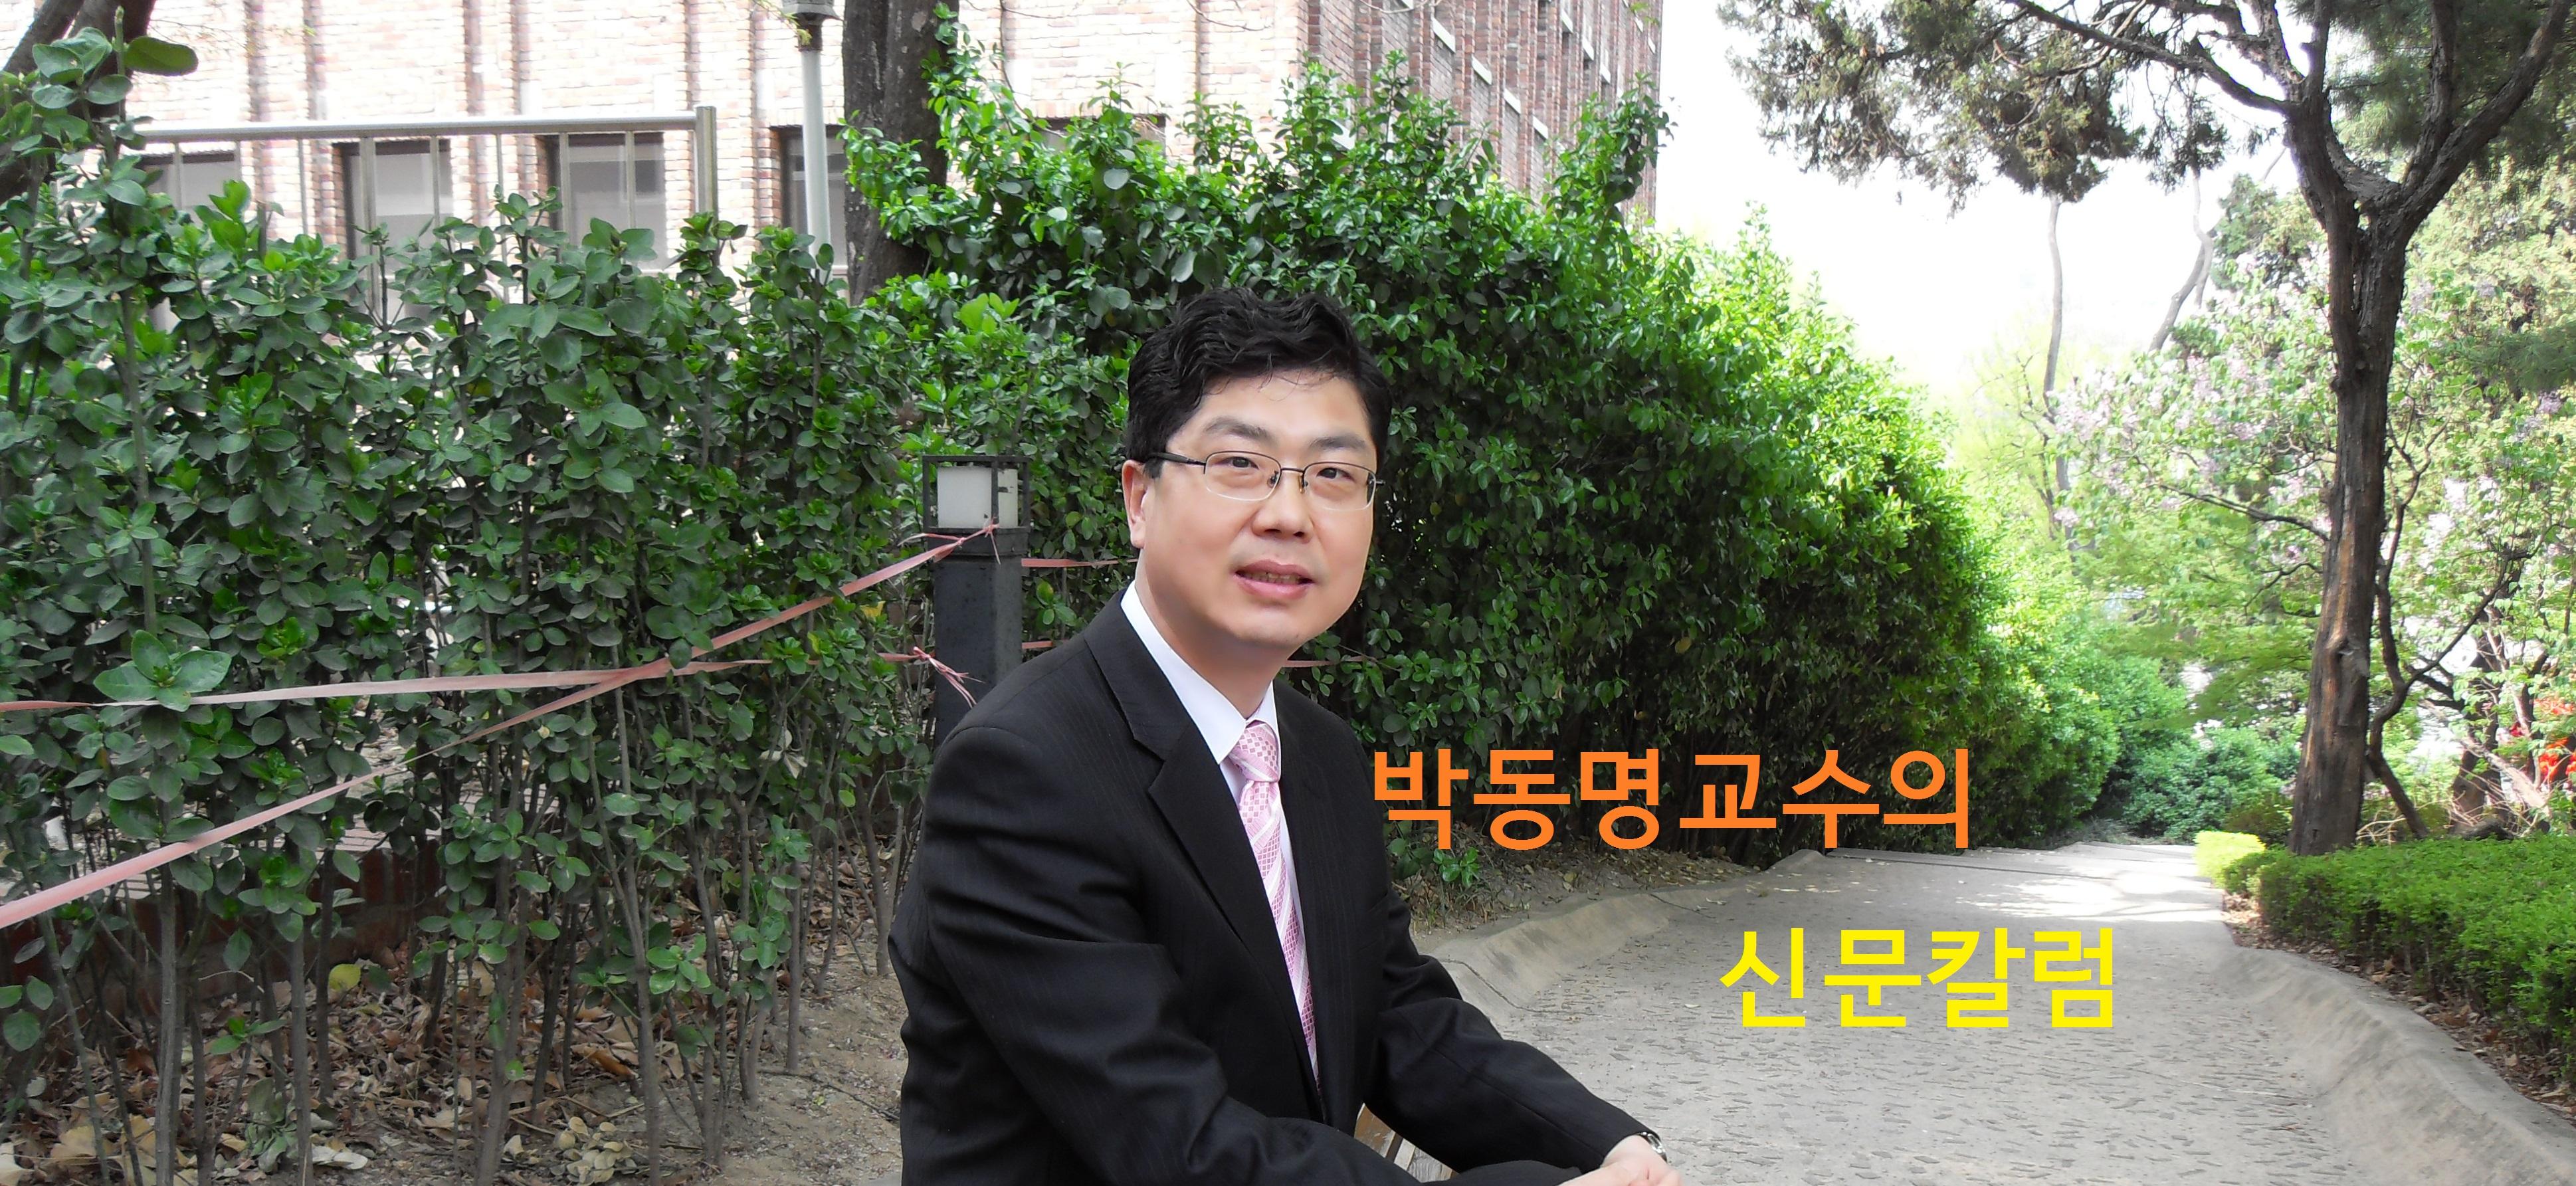 서울시립미술관 앞에서...2014.4